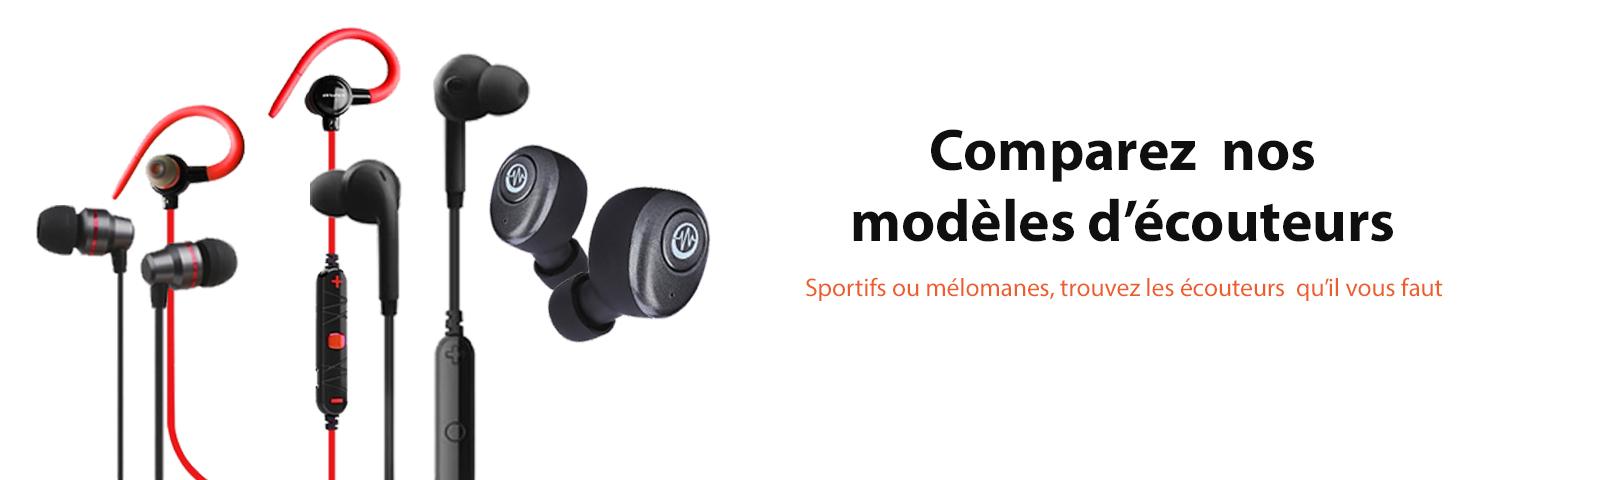 Sportifs ou mélonames, trouvez les écouteurs qu'il vous faut avec Ynotek France